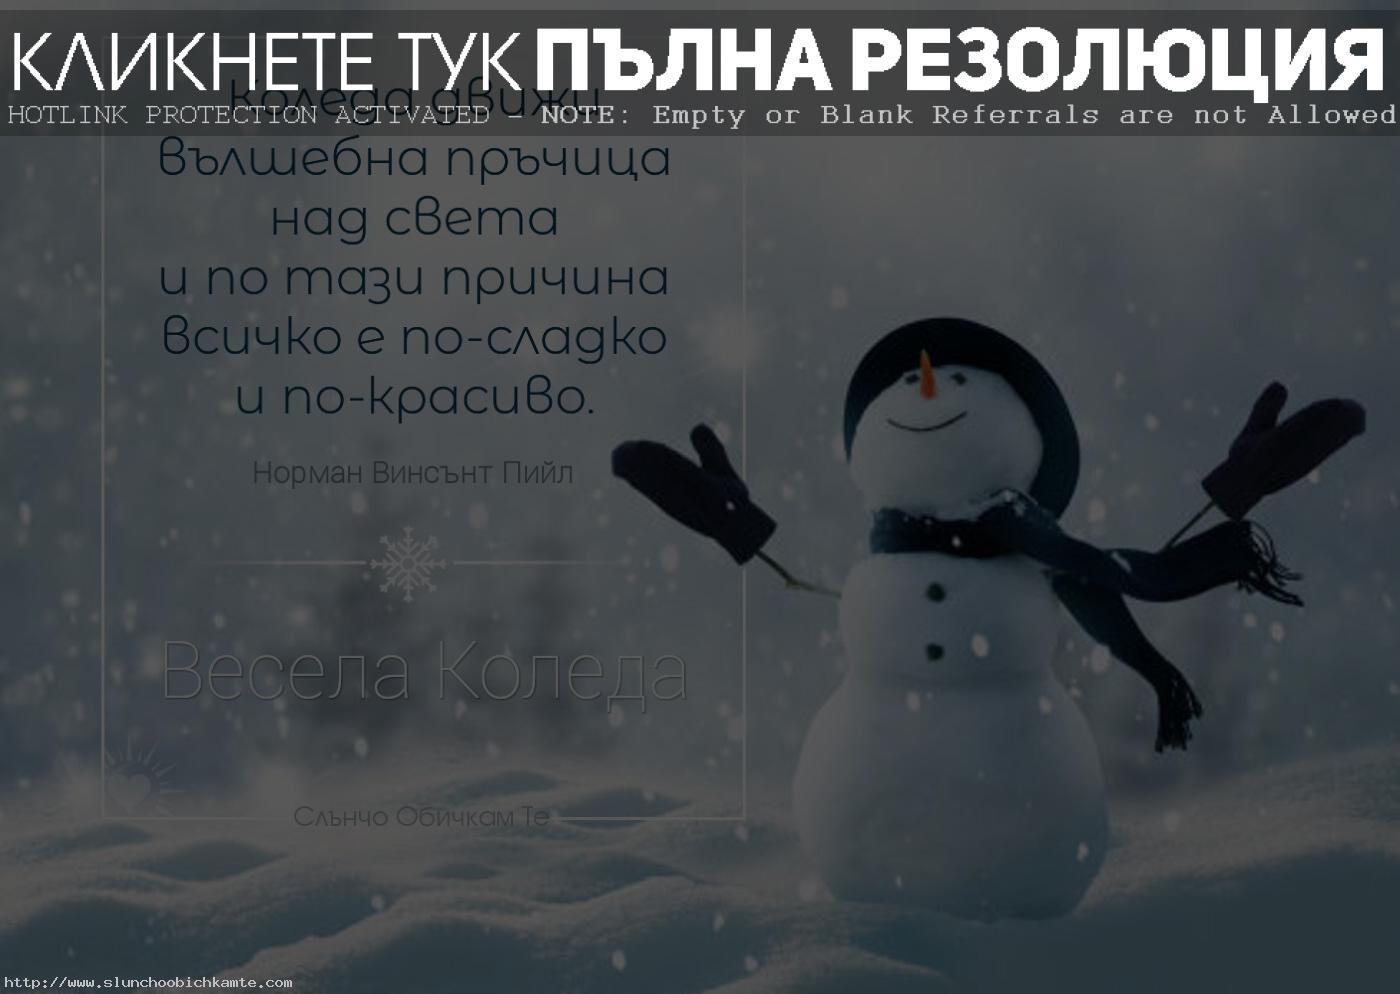 Коледа движи вълшебна пръчица над света - Честита Коледа, Весела Коледа, картички за коледа и нова година със сняг и снежен човек, пожелания за коледа, коледни цитати и статуси